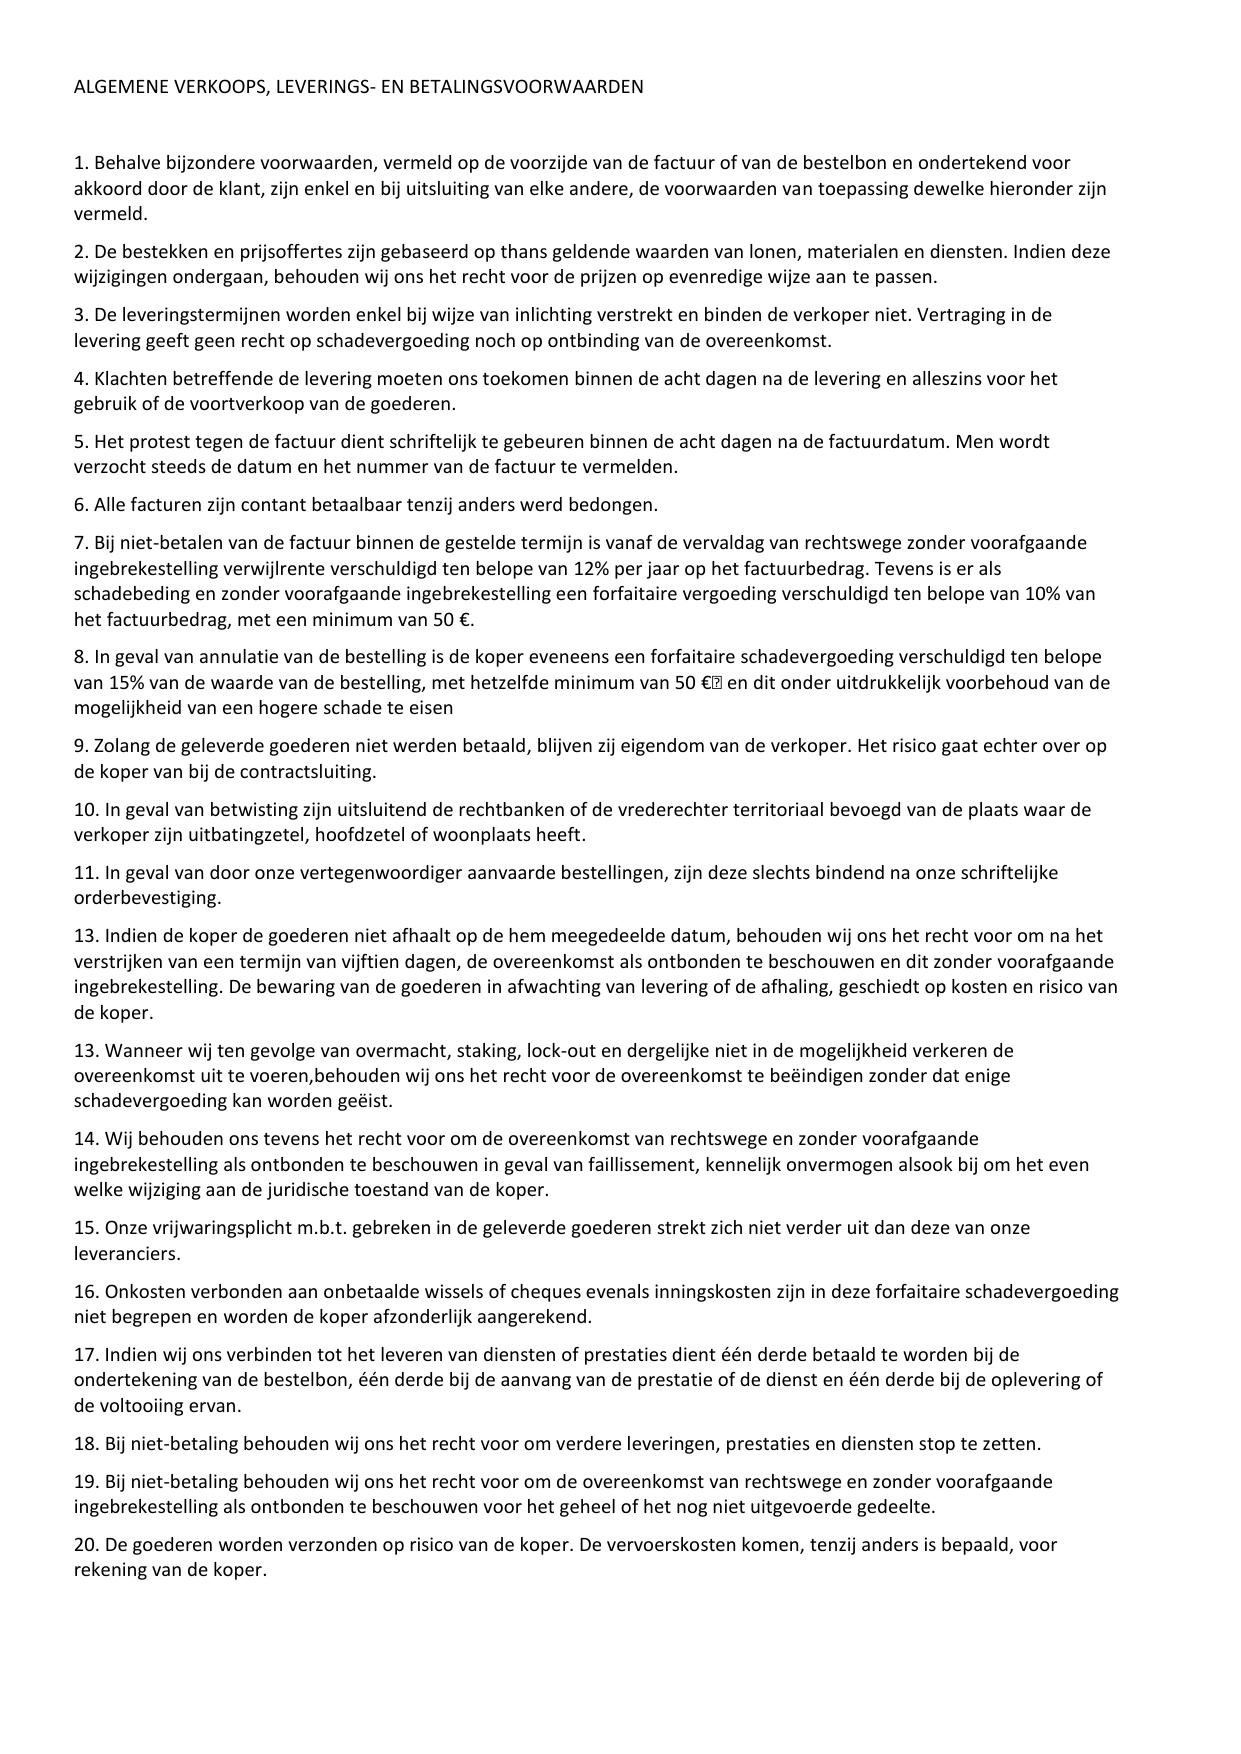 voorbeeldbrief protesteren factuur ALGEMENE VERKOOPS, LEVERINGS voorbeeldbrief protesteren factuur